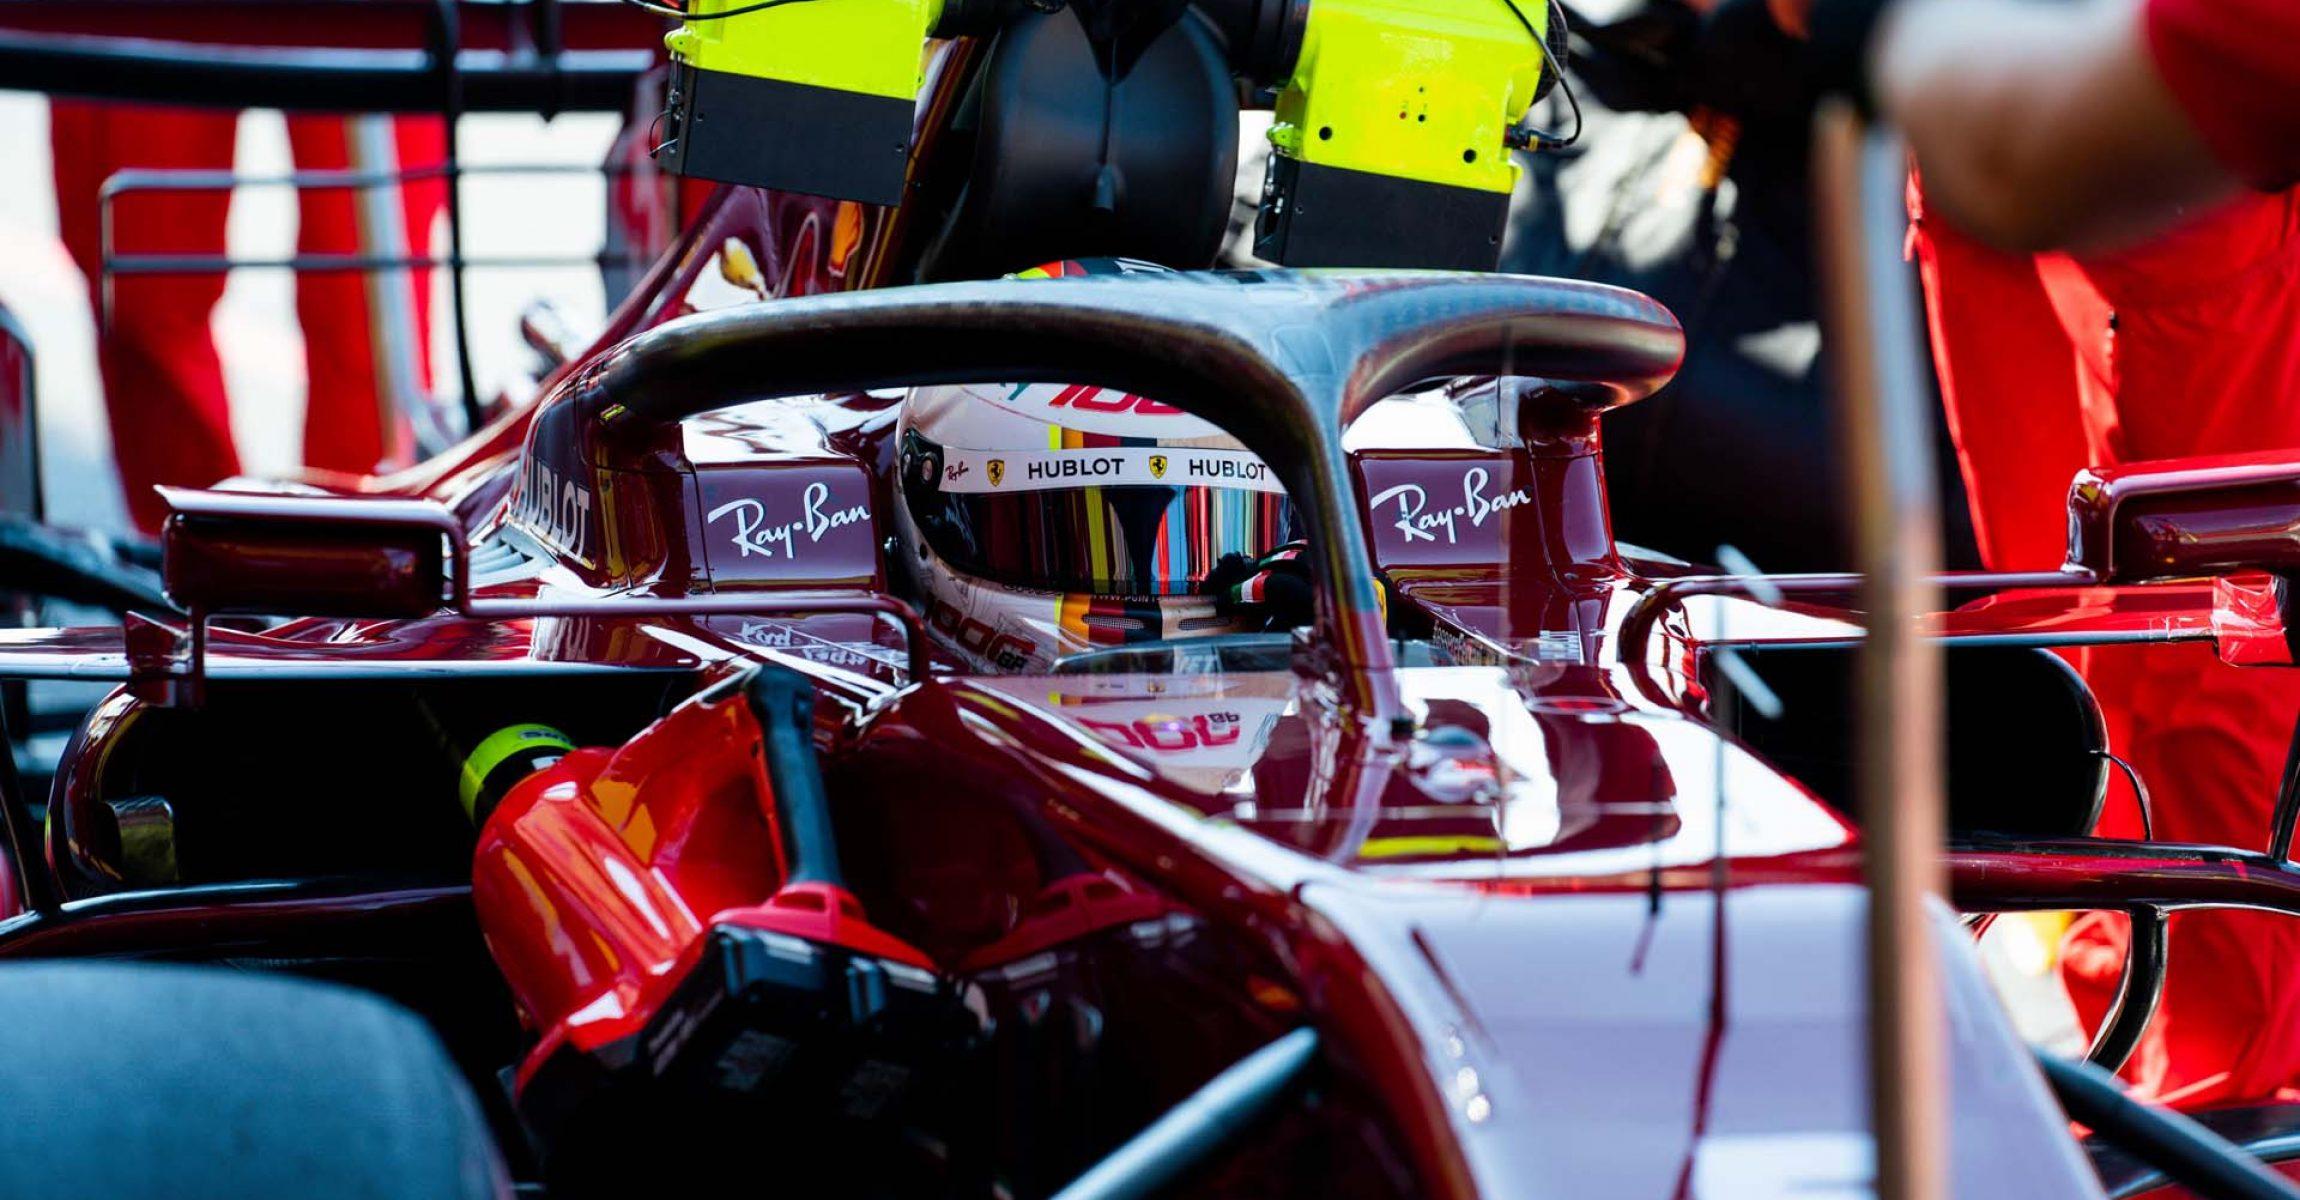 GP TOSCANA FERRARI 1000 F1/2020 -  SABATO 12/09/2020   credit: @Scuderia Ferrari Press Office Sebastian Vettel